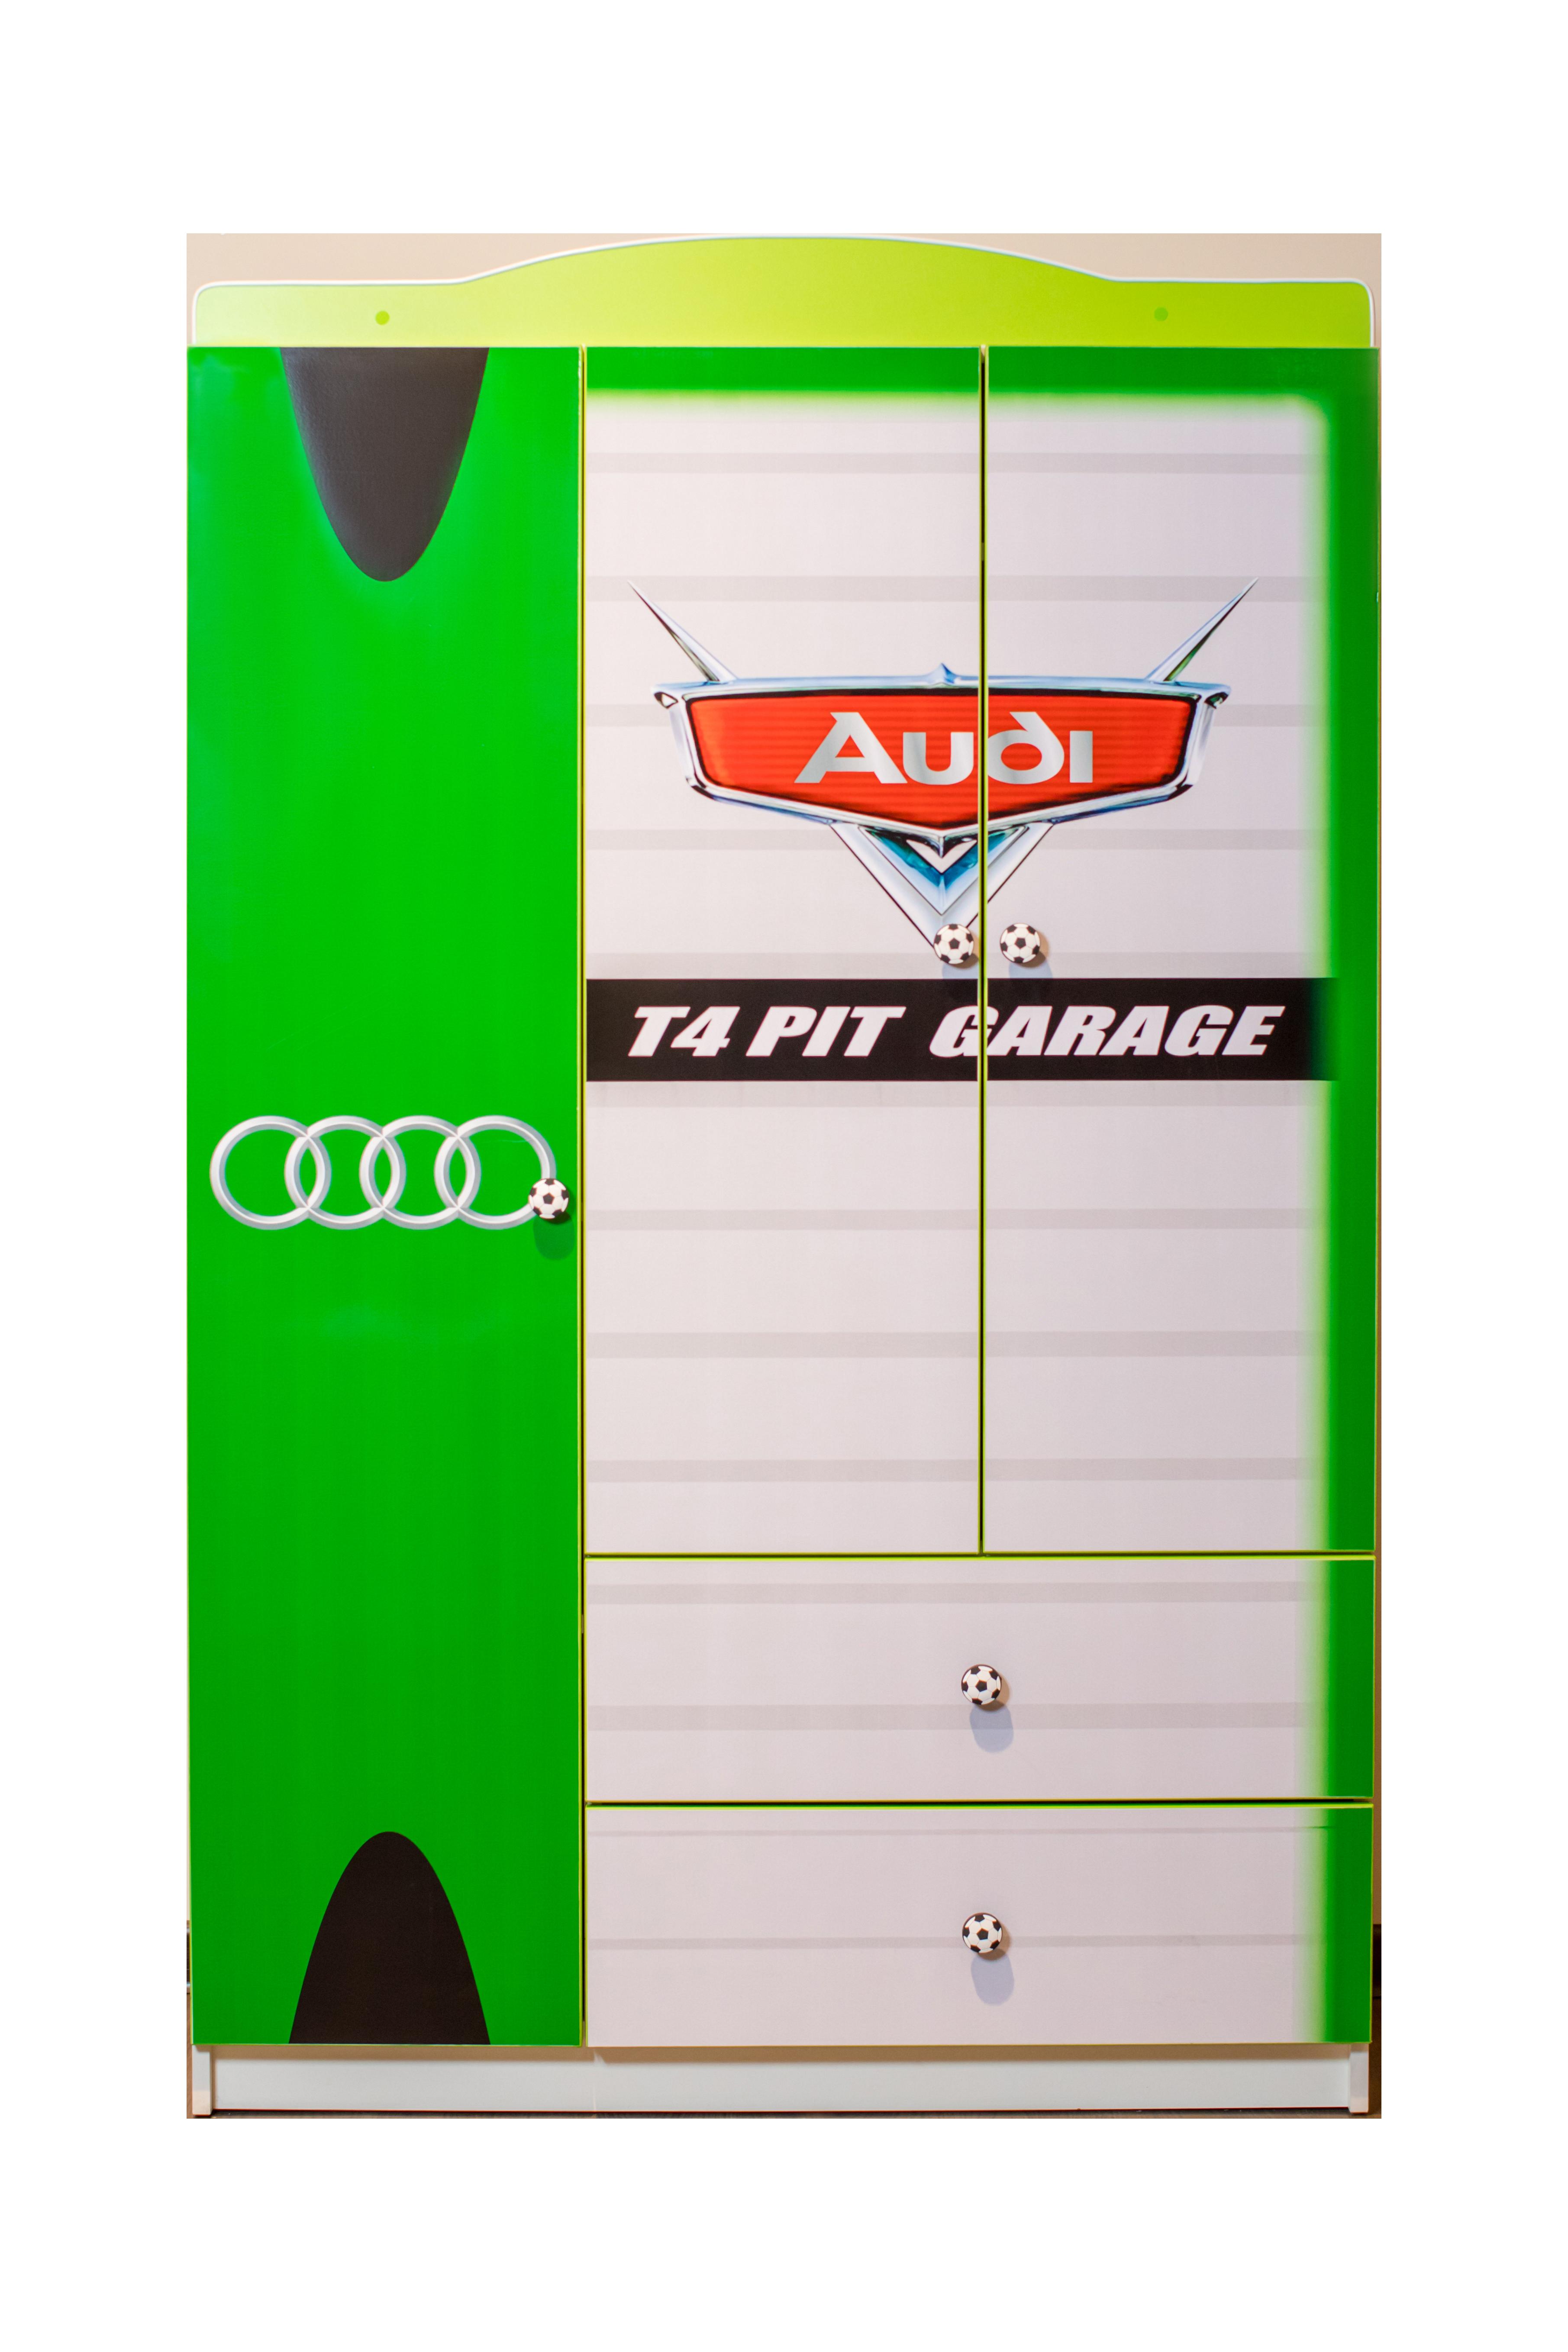 Mələklər -  Audi uşaq dəsti  - 4